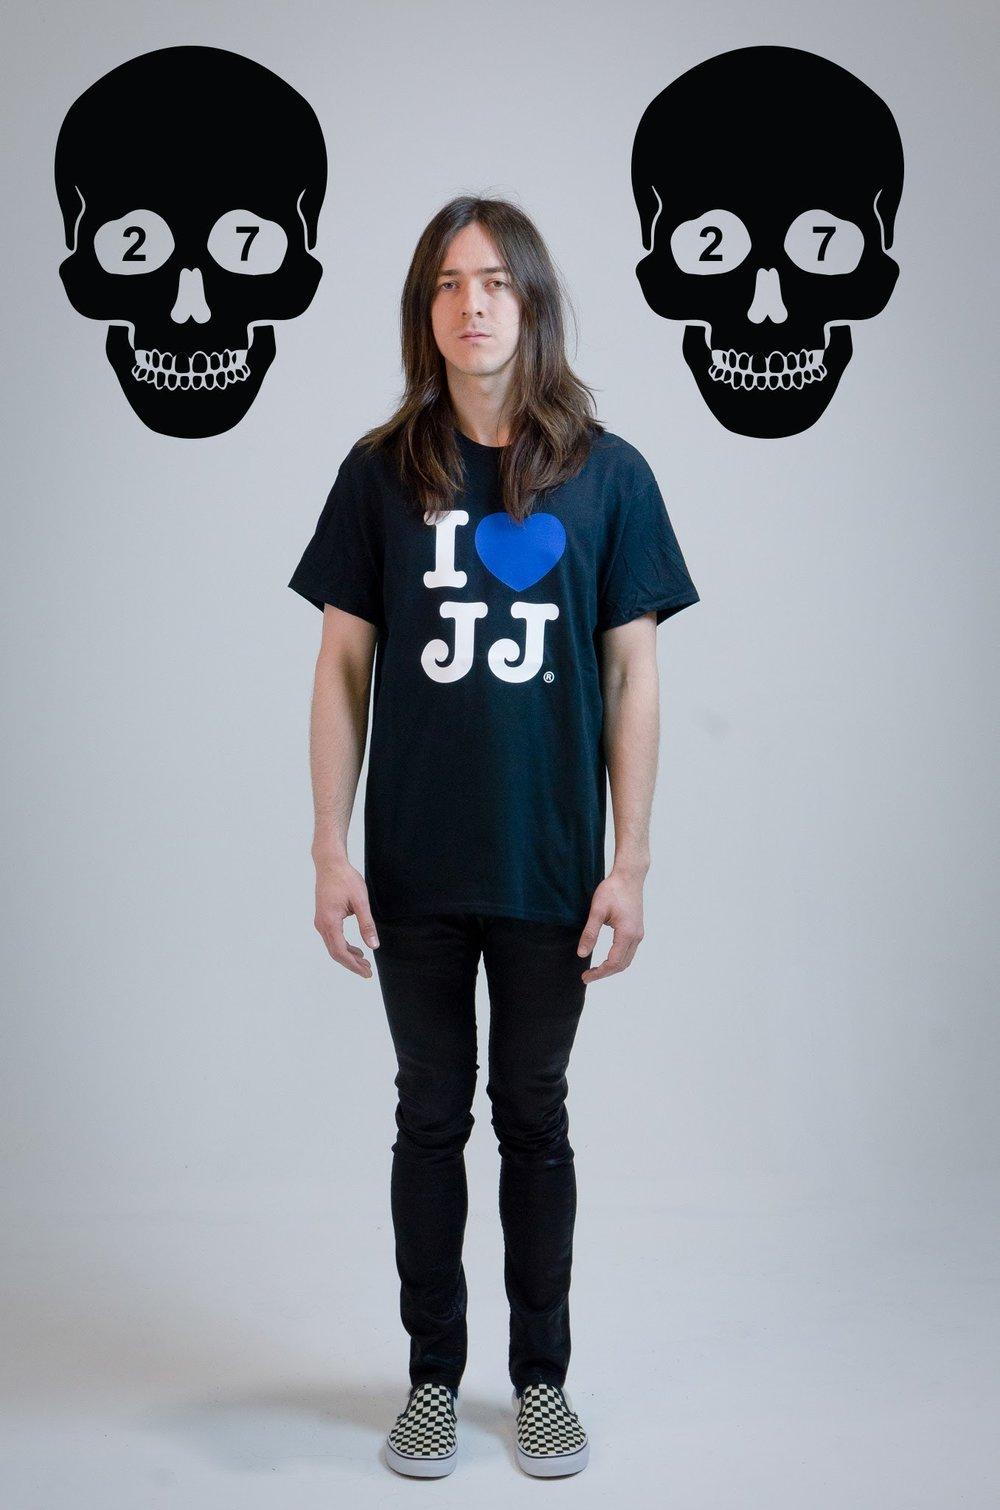 I heart JJ.jpg